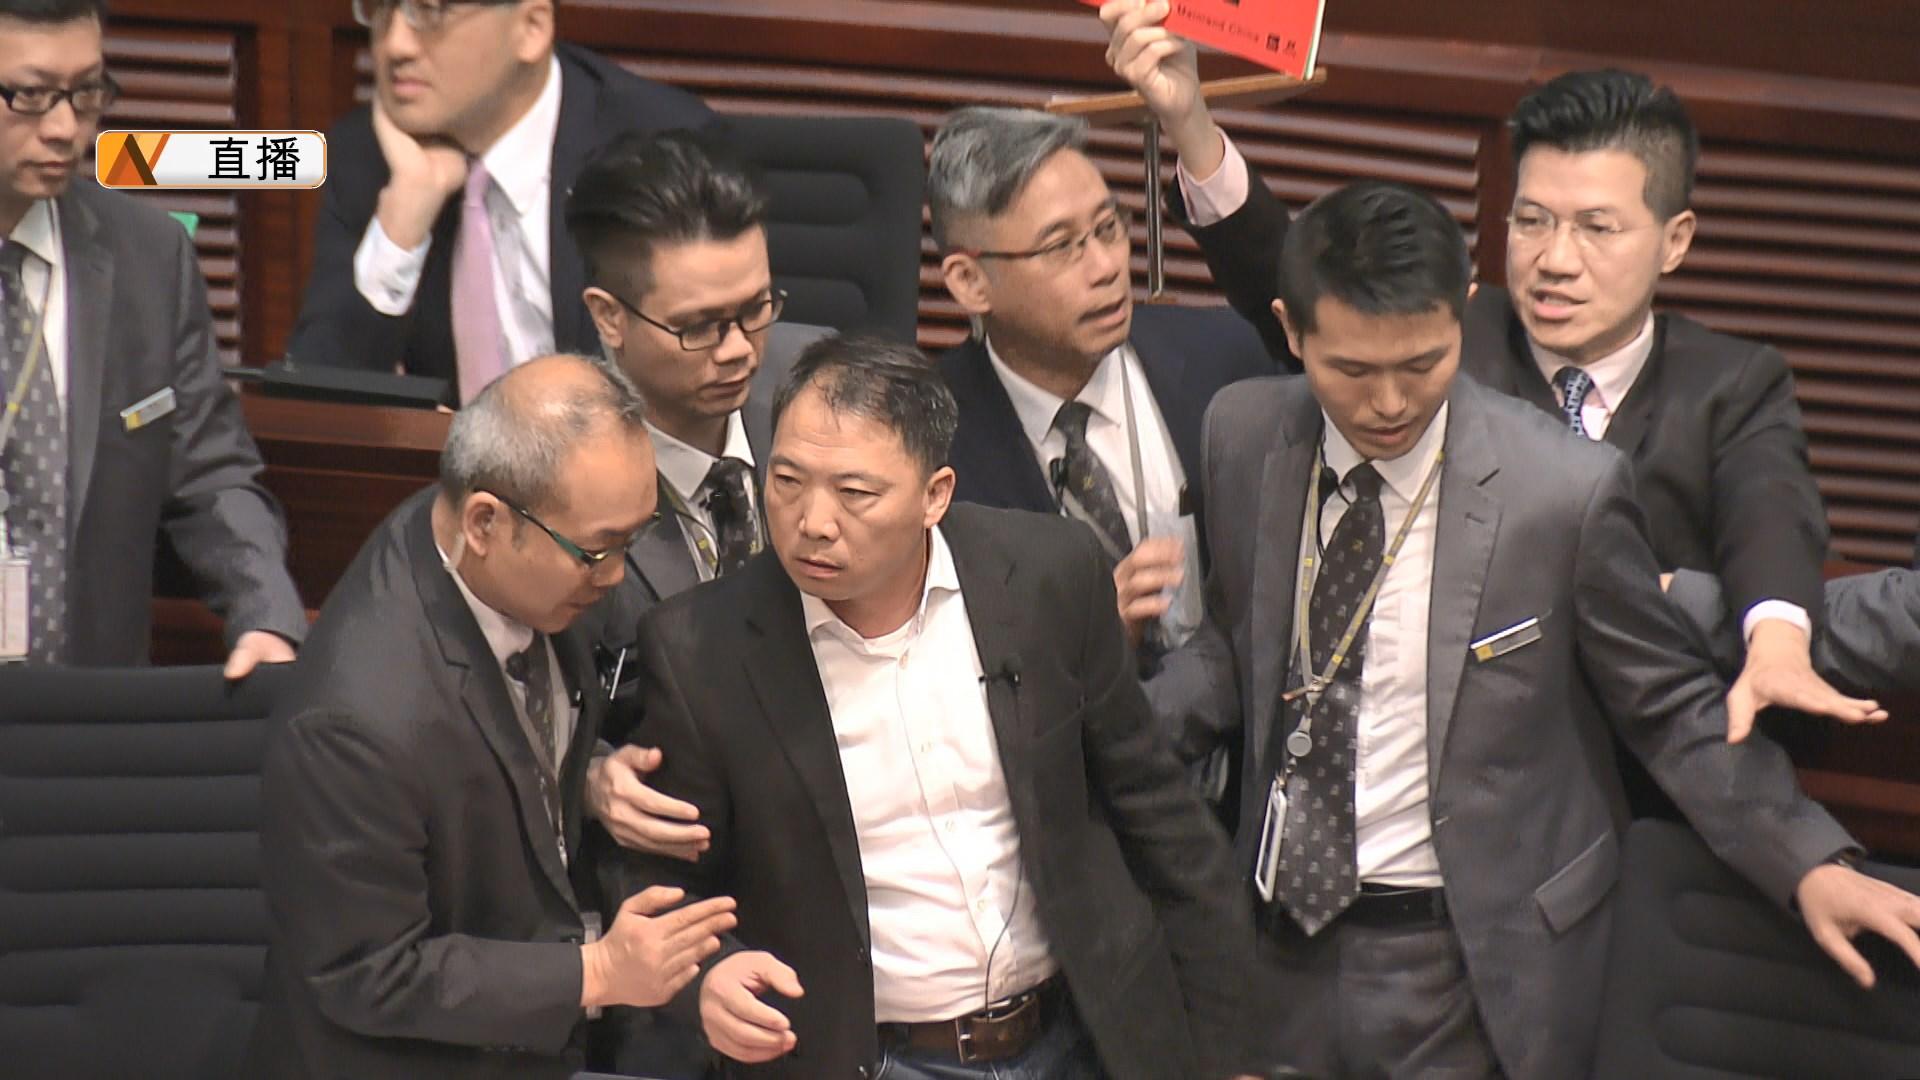 六名民主派議員在答問會期間被逐出會議廳